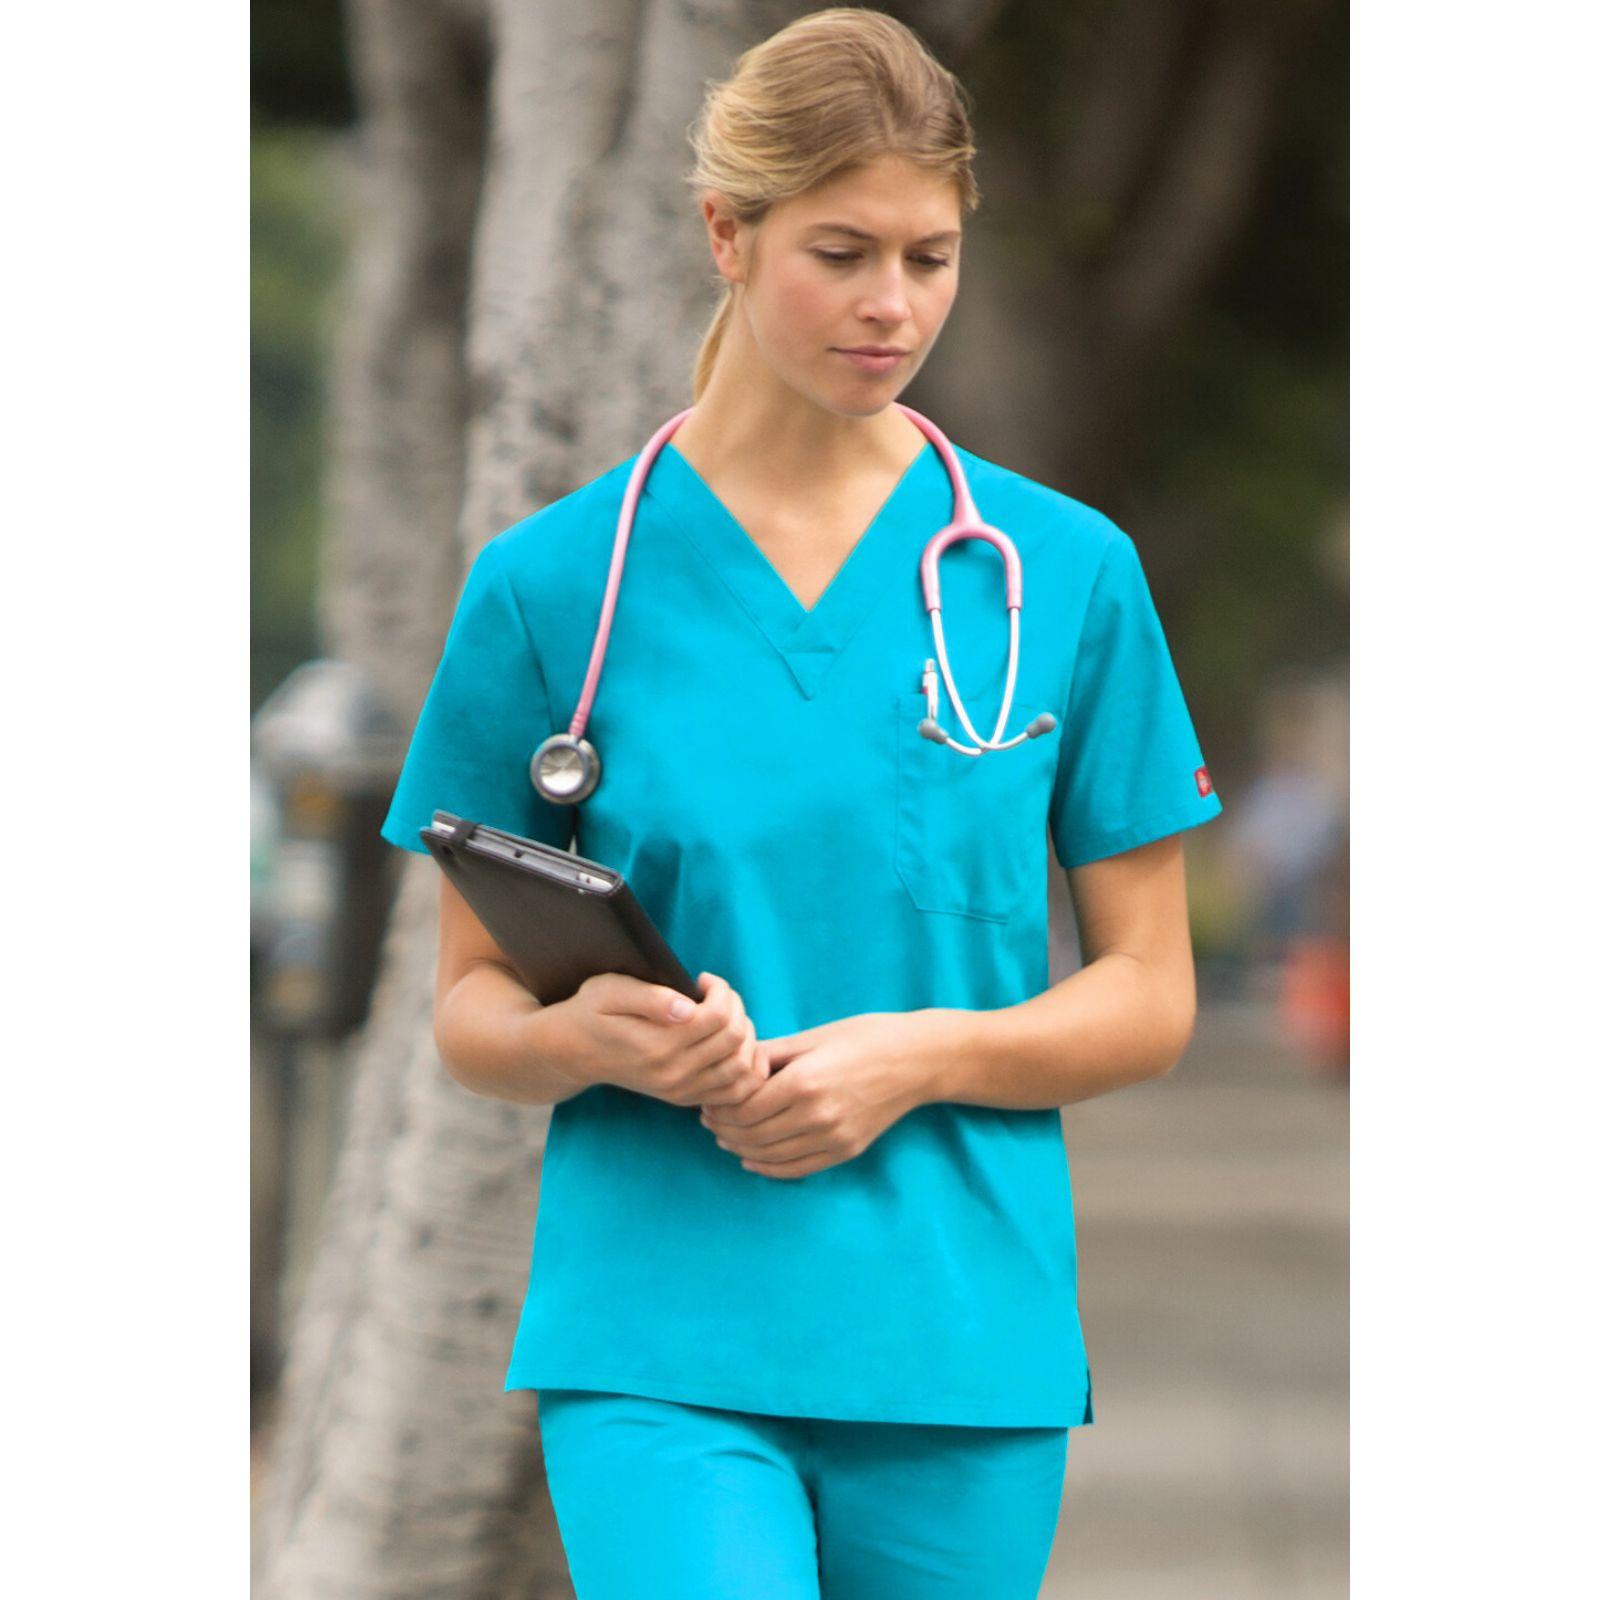 """Blouse médicale Femme, Dickies, poche cœur, Collection """"EDS signature"""" (83706), couleur turquoise vue modèle"""